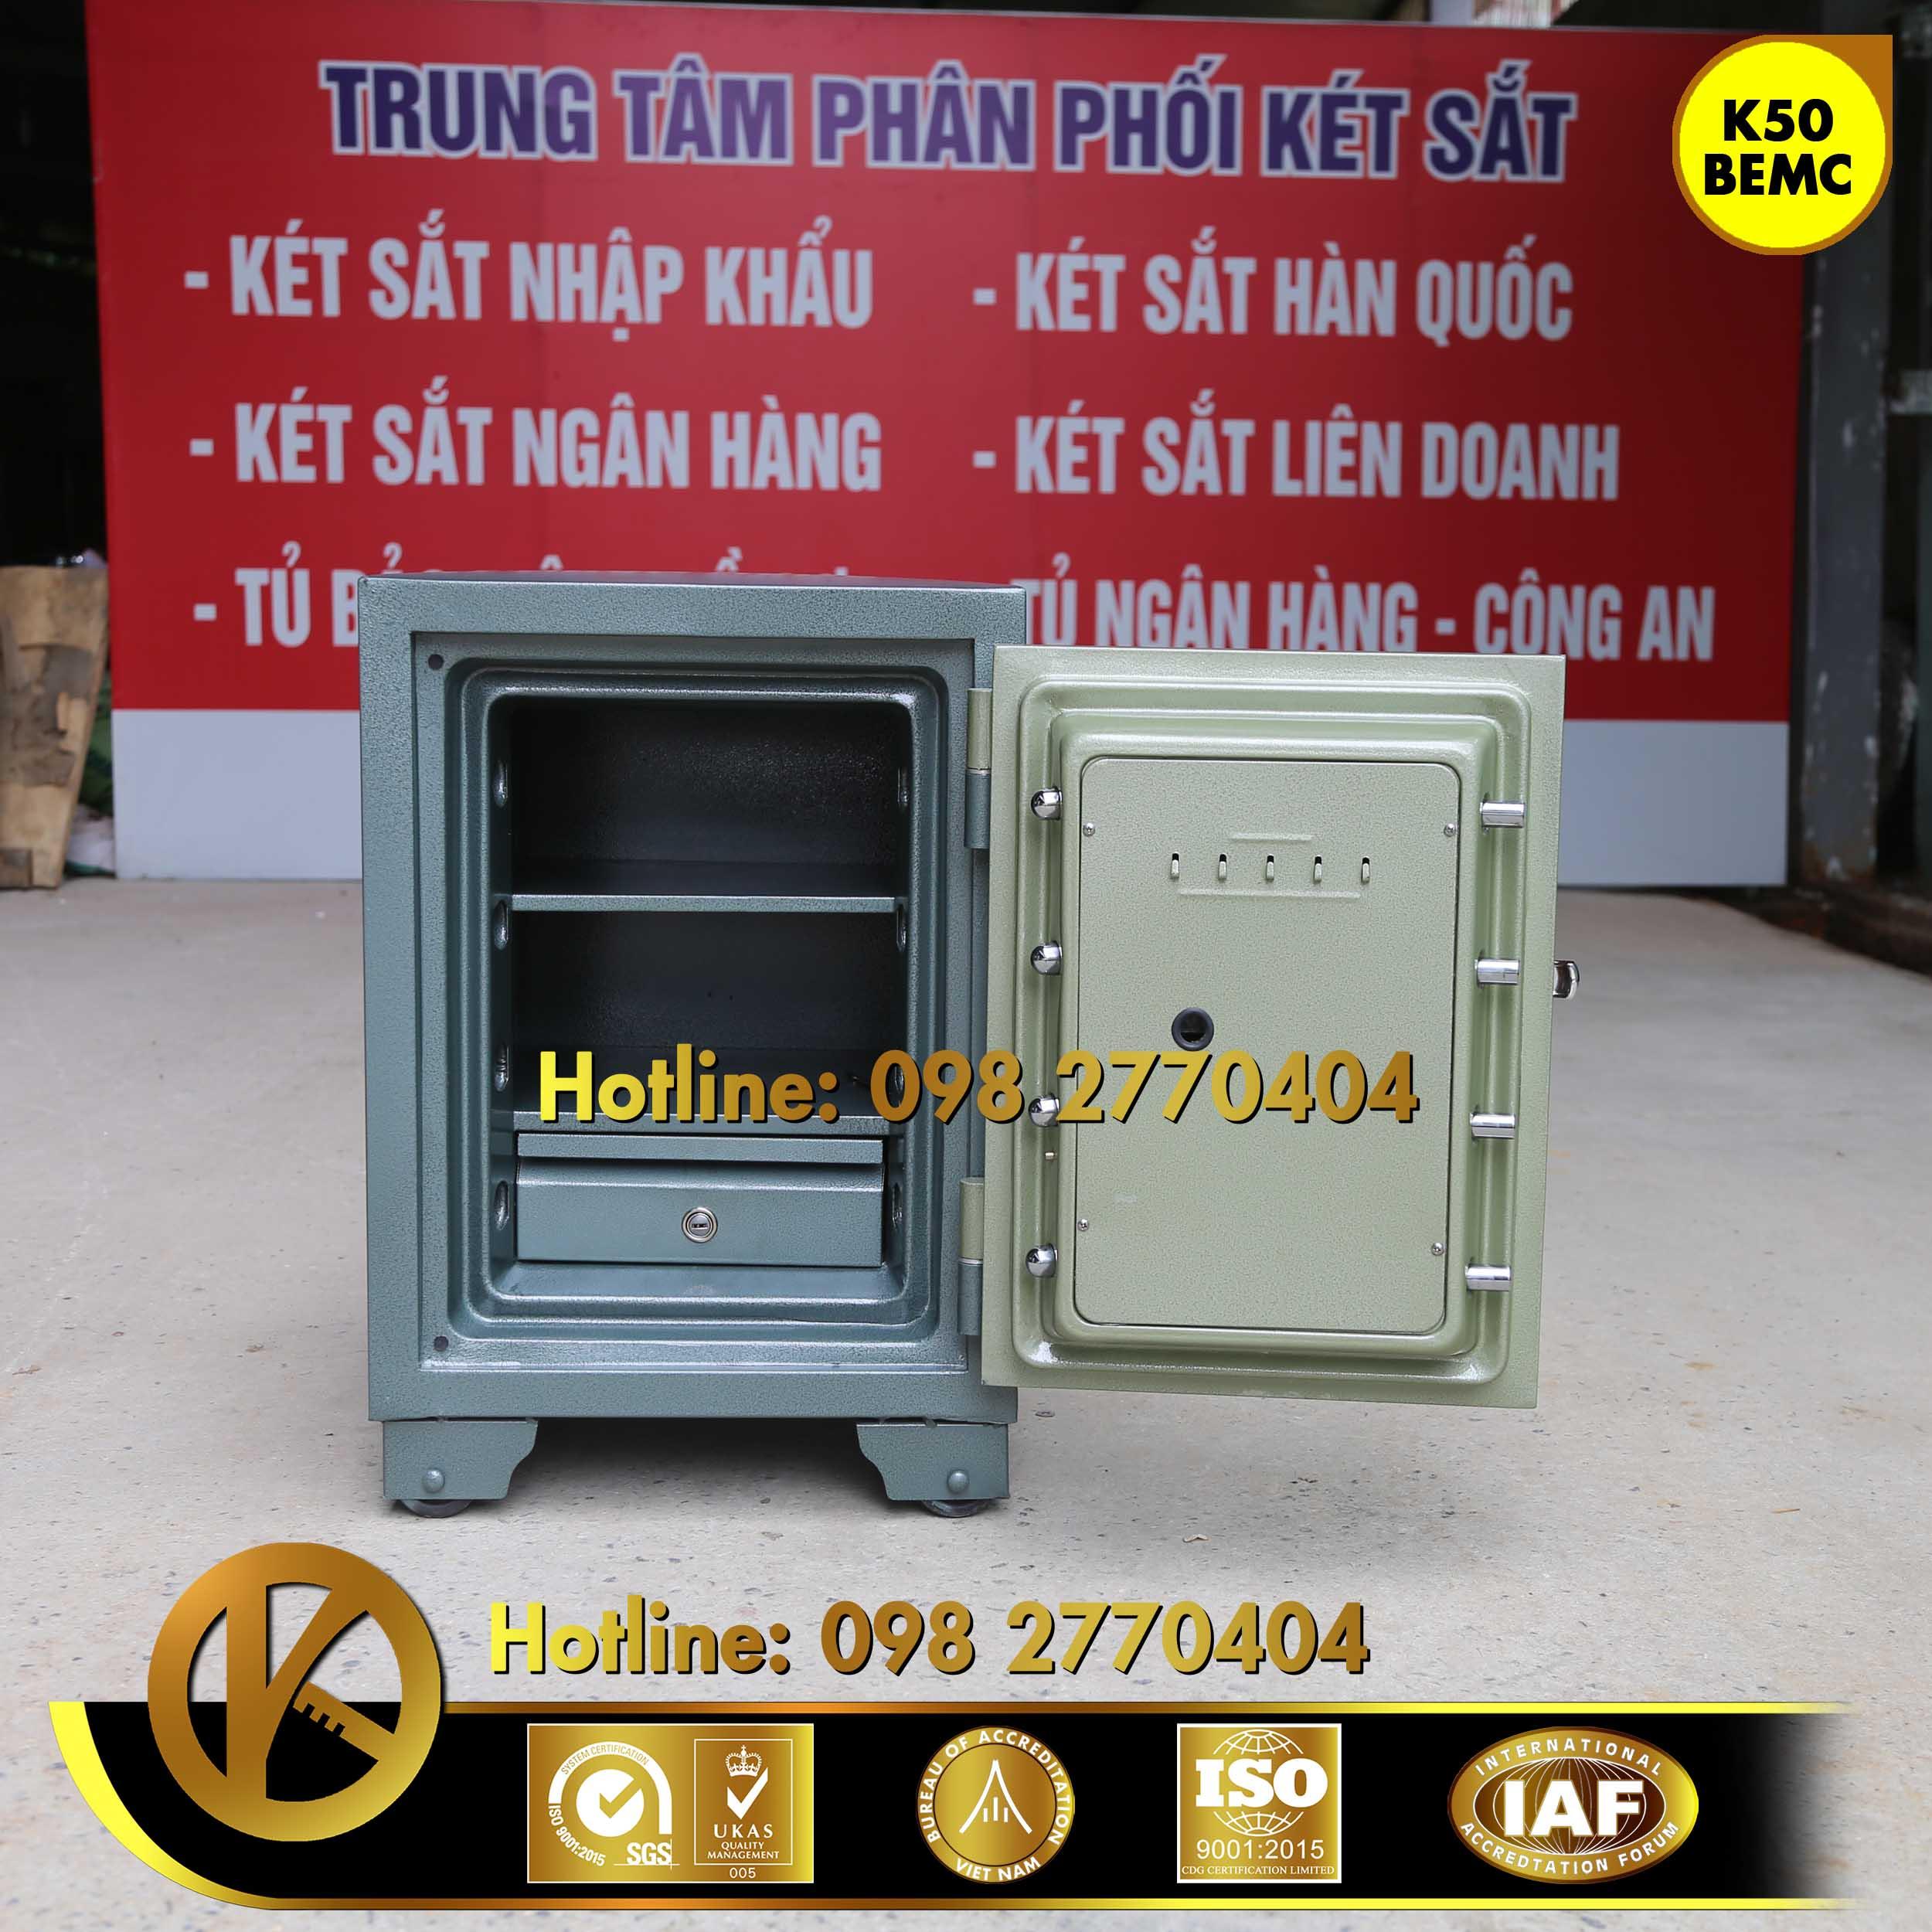 hình ảnh sản phẩm Két Ngân Hàng BEMC K50 ĐT LED Korea